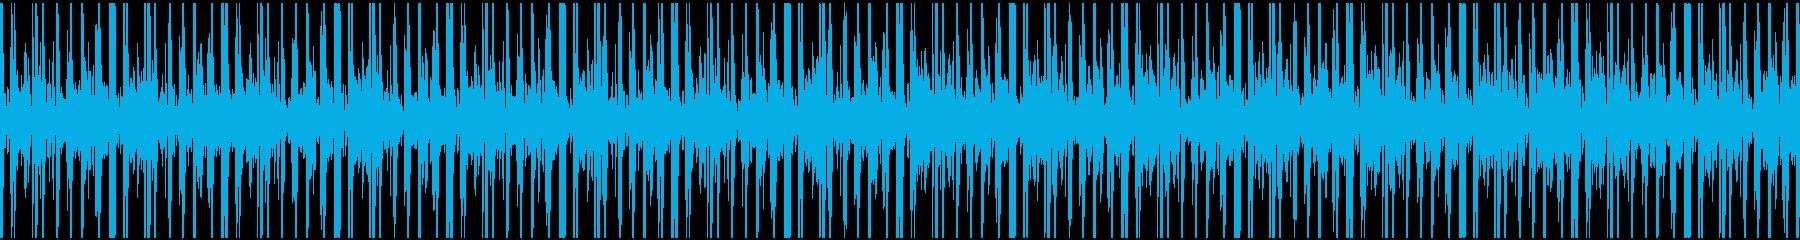 不気味なBGMの再生済みの波形